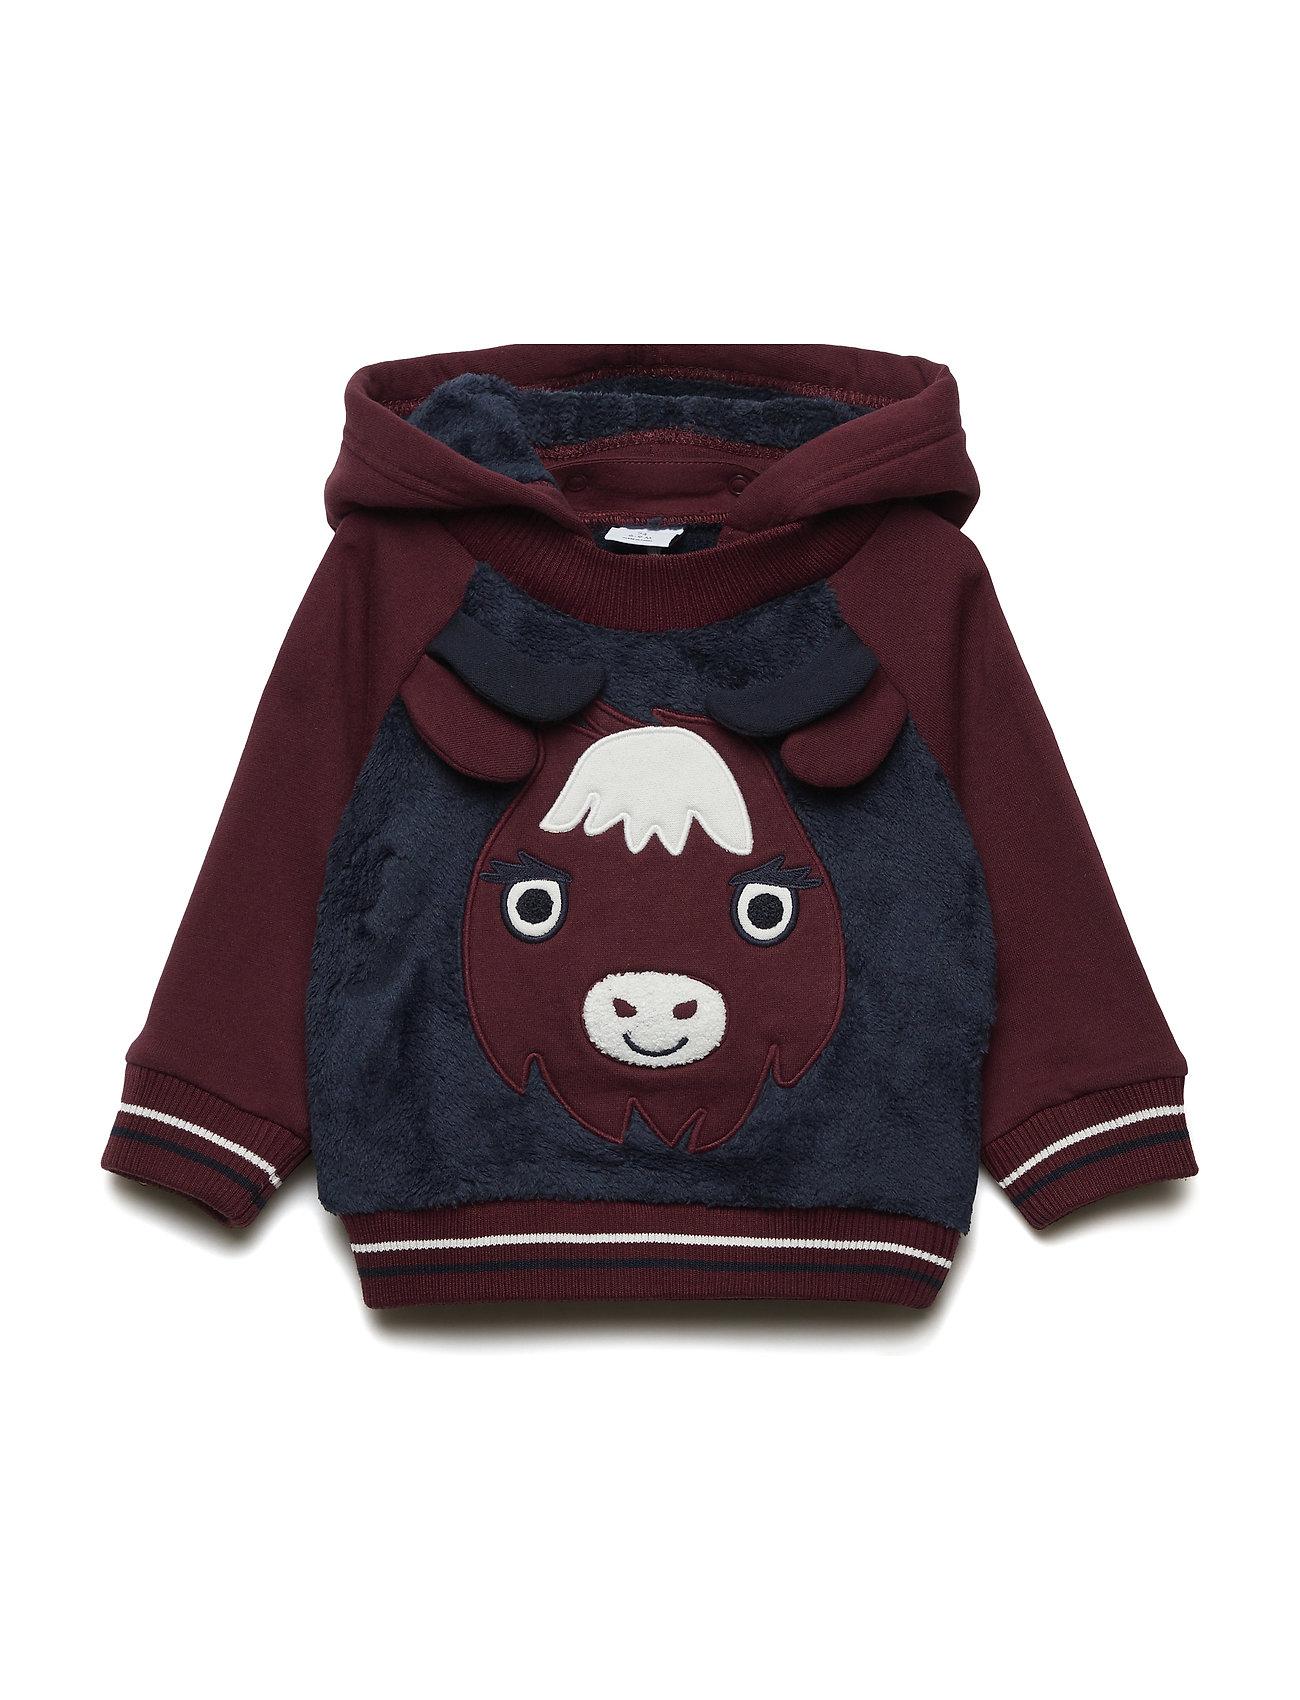 Polarn O. Pyret Sweatshirt Hood Baby - MOOD INDIGO